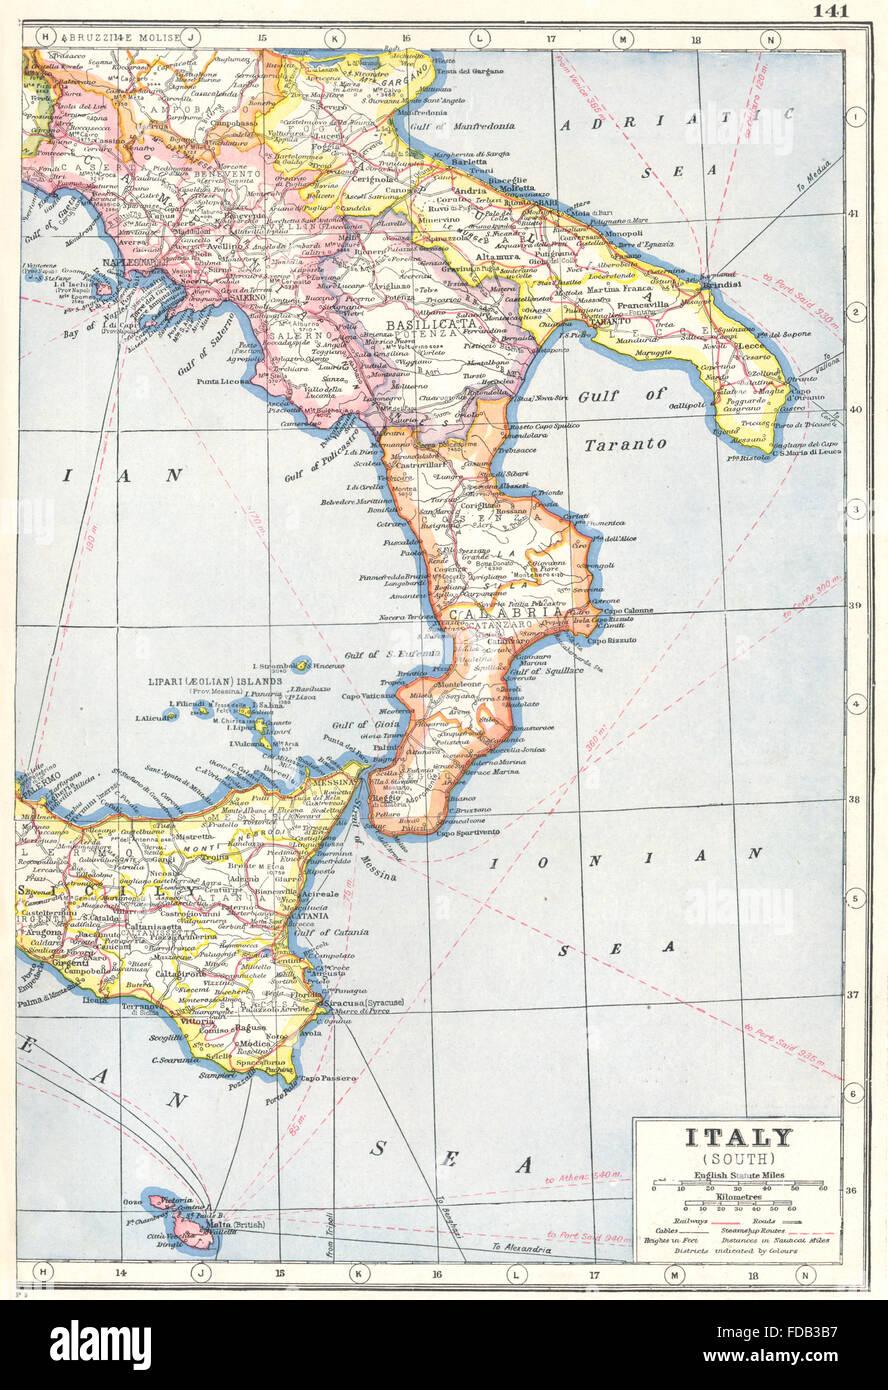 Cartina Calabria E Basilicata.Italia Del Sud Malta Sicilia Calabria Basilicata Puglia Campania Telegrafo 1920 Mappa Foto Stock Alamy